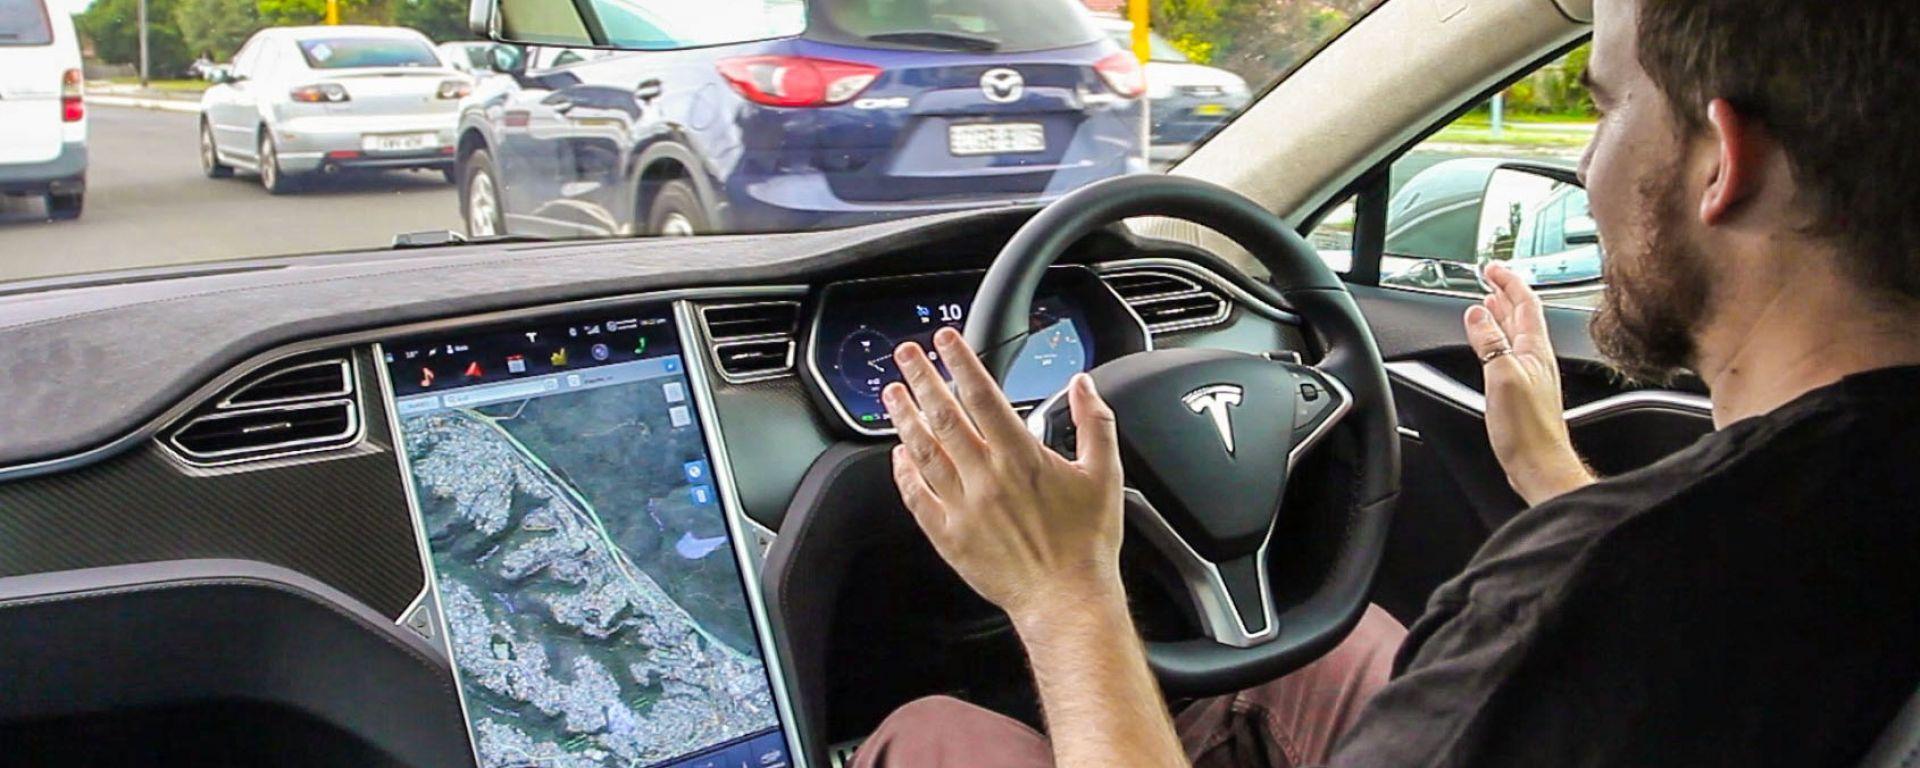 Tesla: l'Autopilot è pericoloso. Elon Musk accusato dagli ex